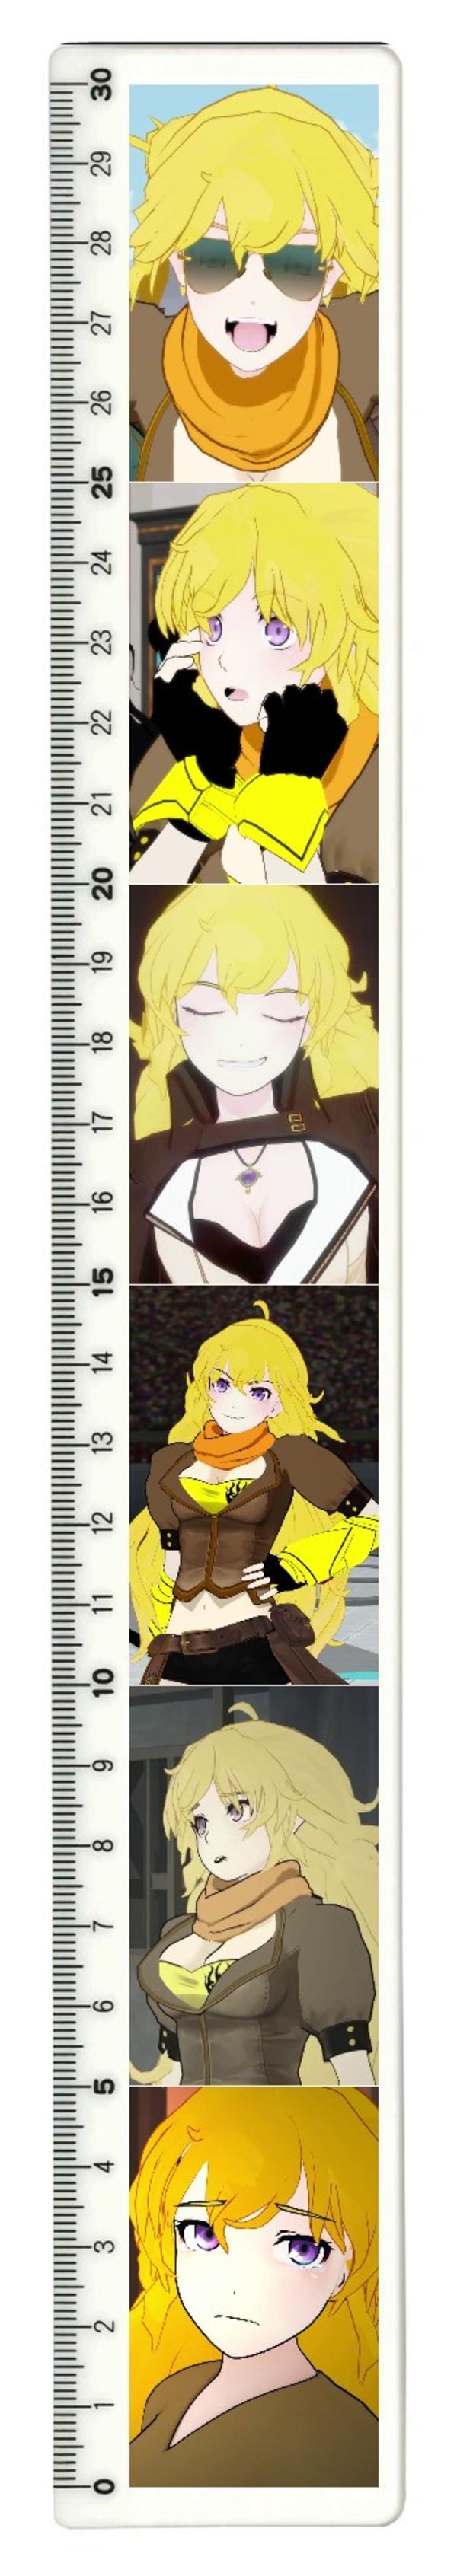 dick pic ruler